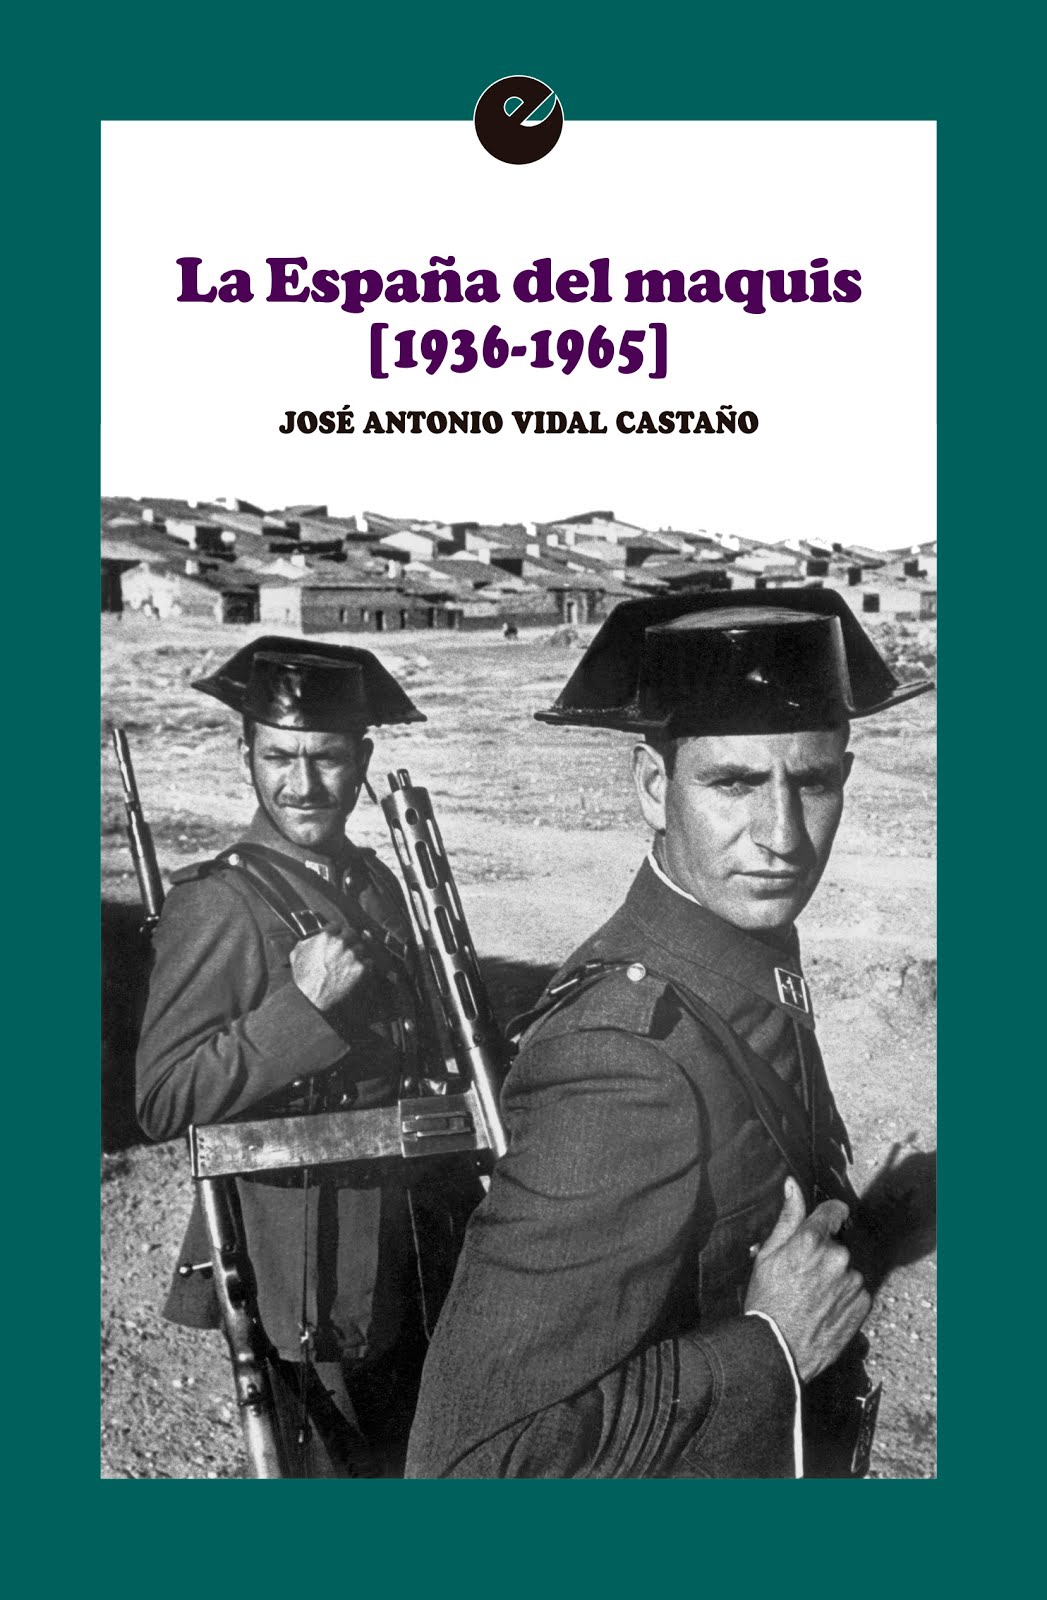 LA ESPAÑA DEL MAQUIS (1936-1965), edición impresa (papel) y ampliada. Punto de Vista, 2016